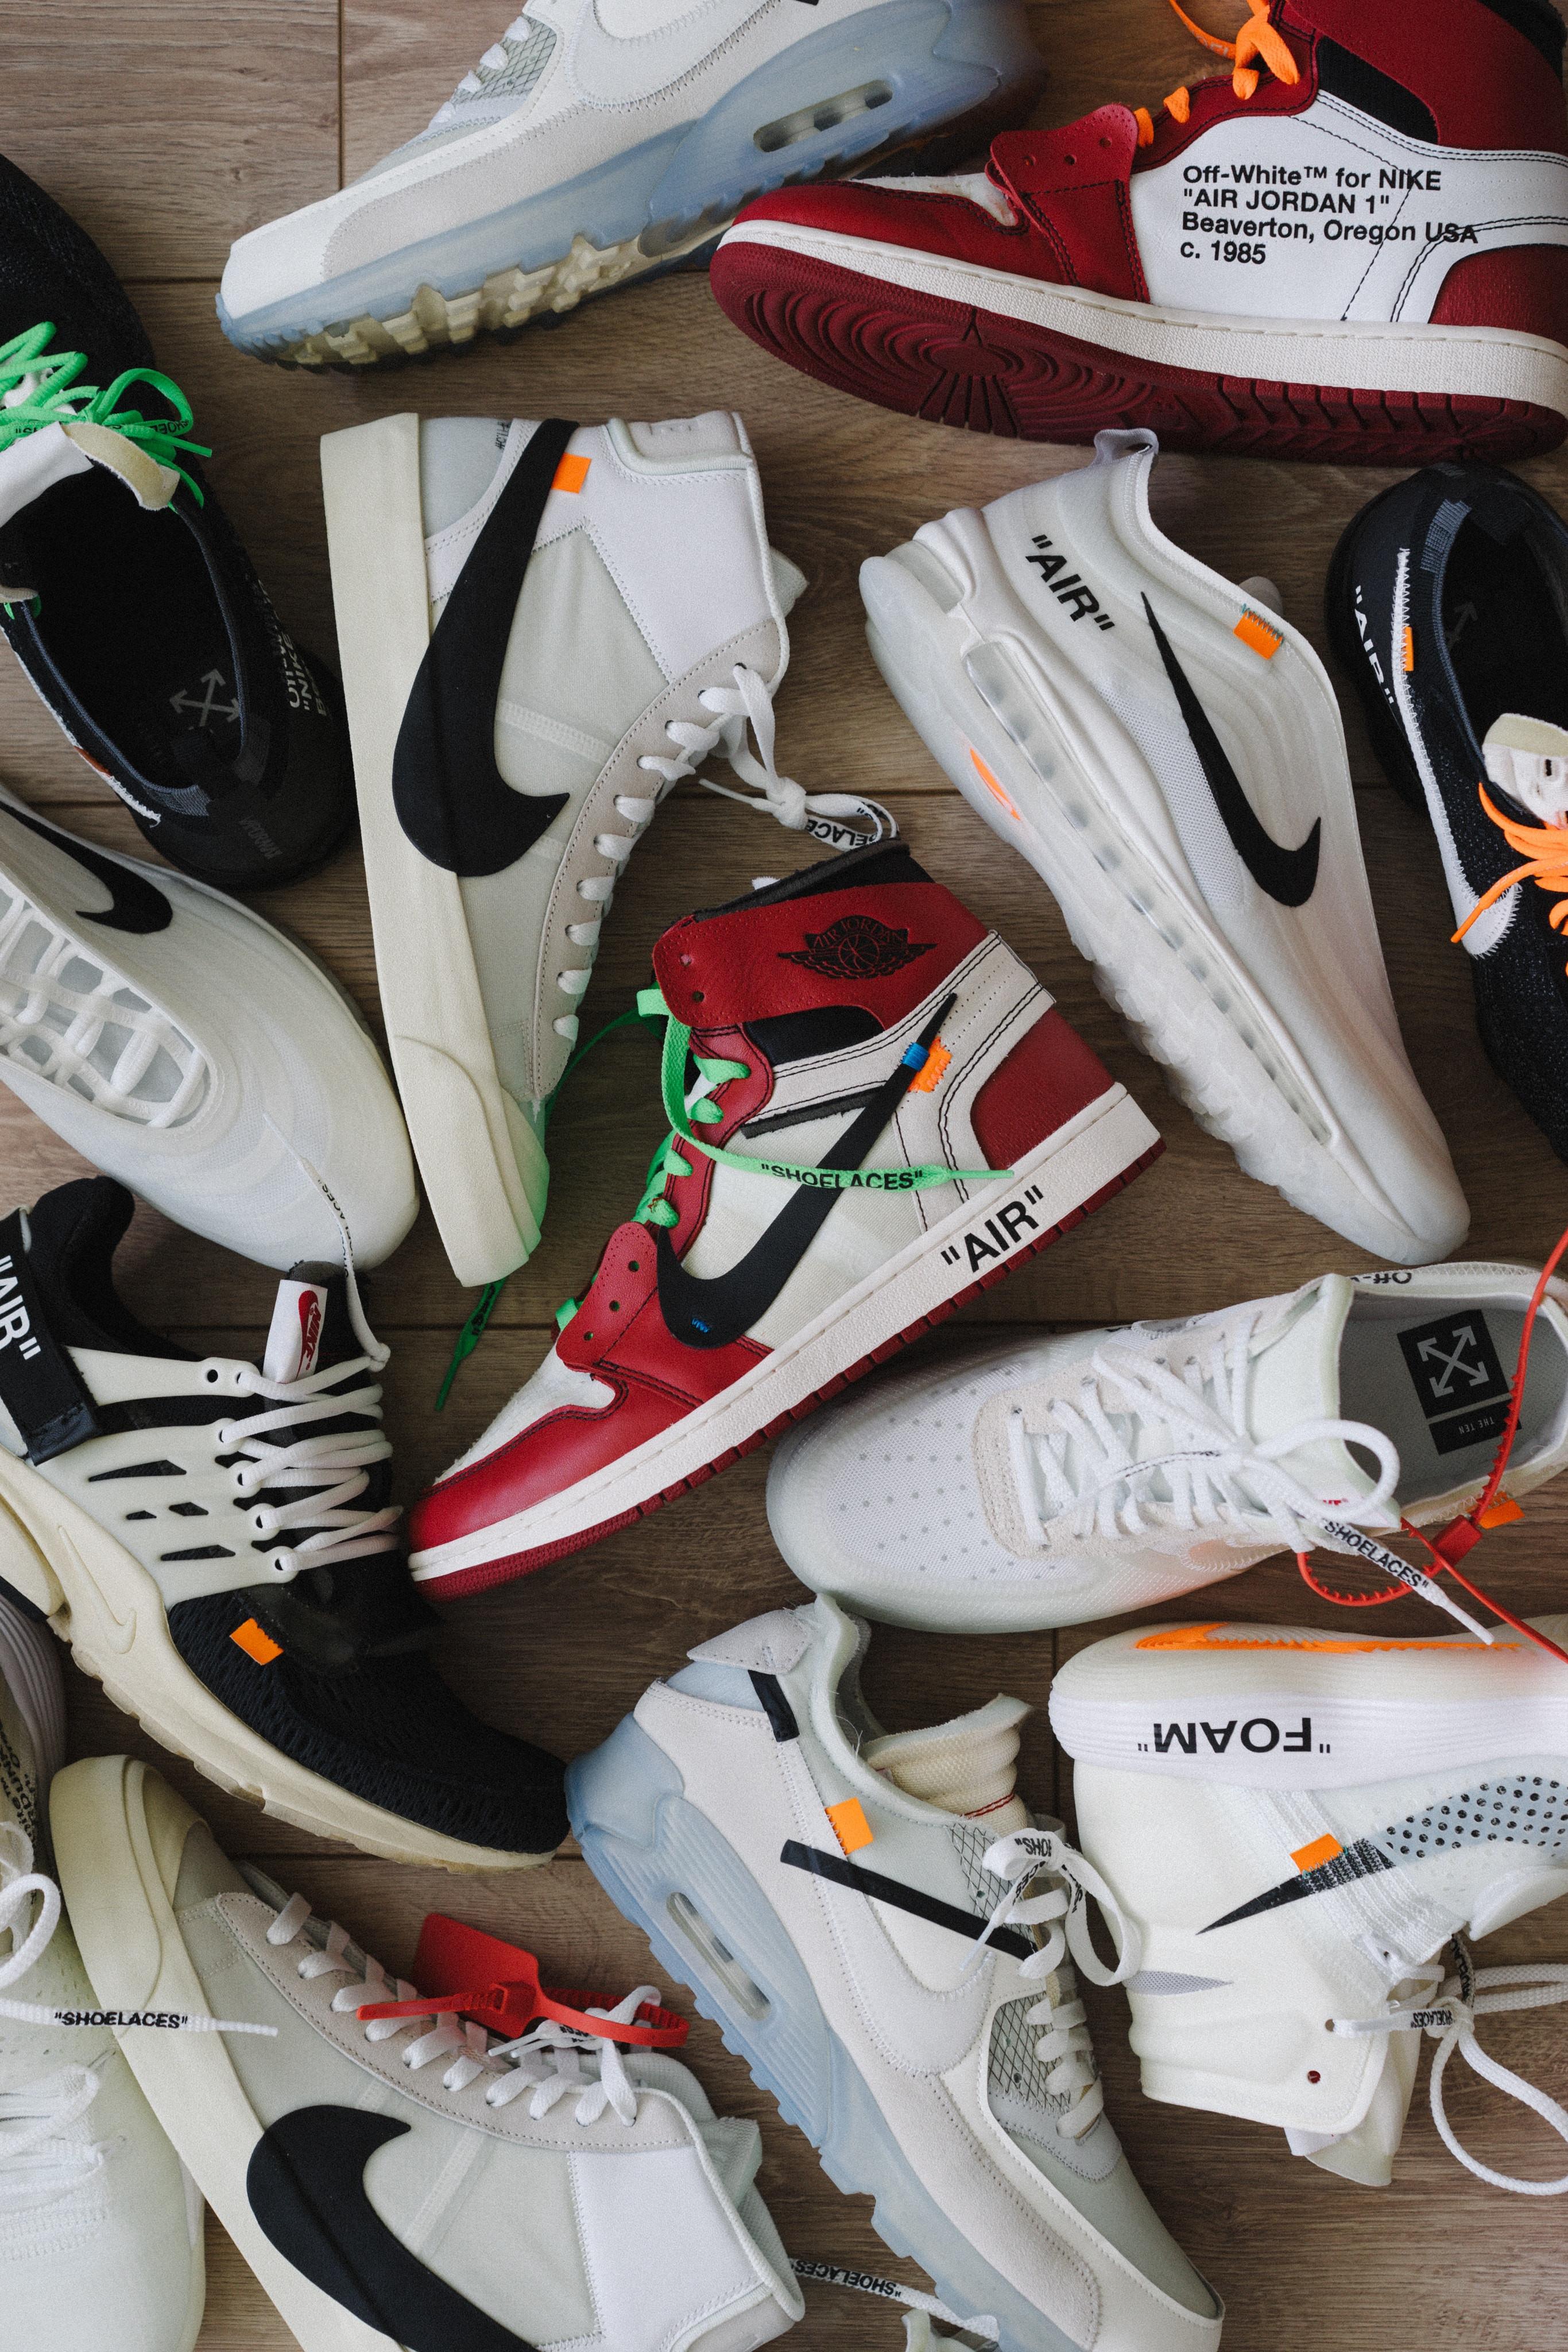 Sneaker Cleaning - Kiddies Pair